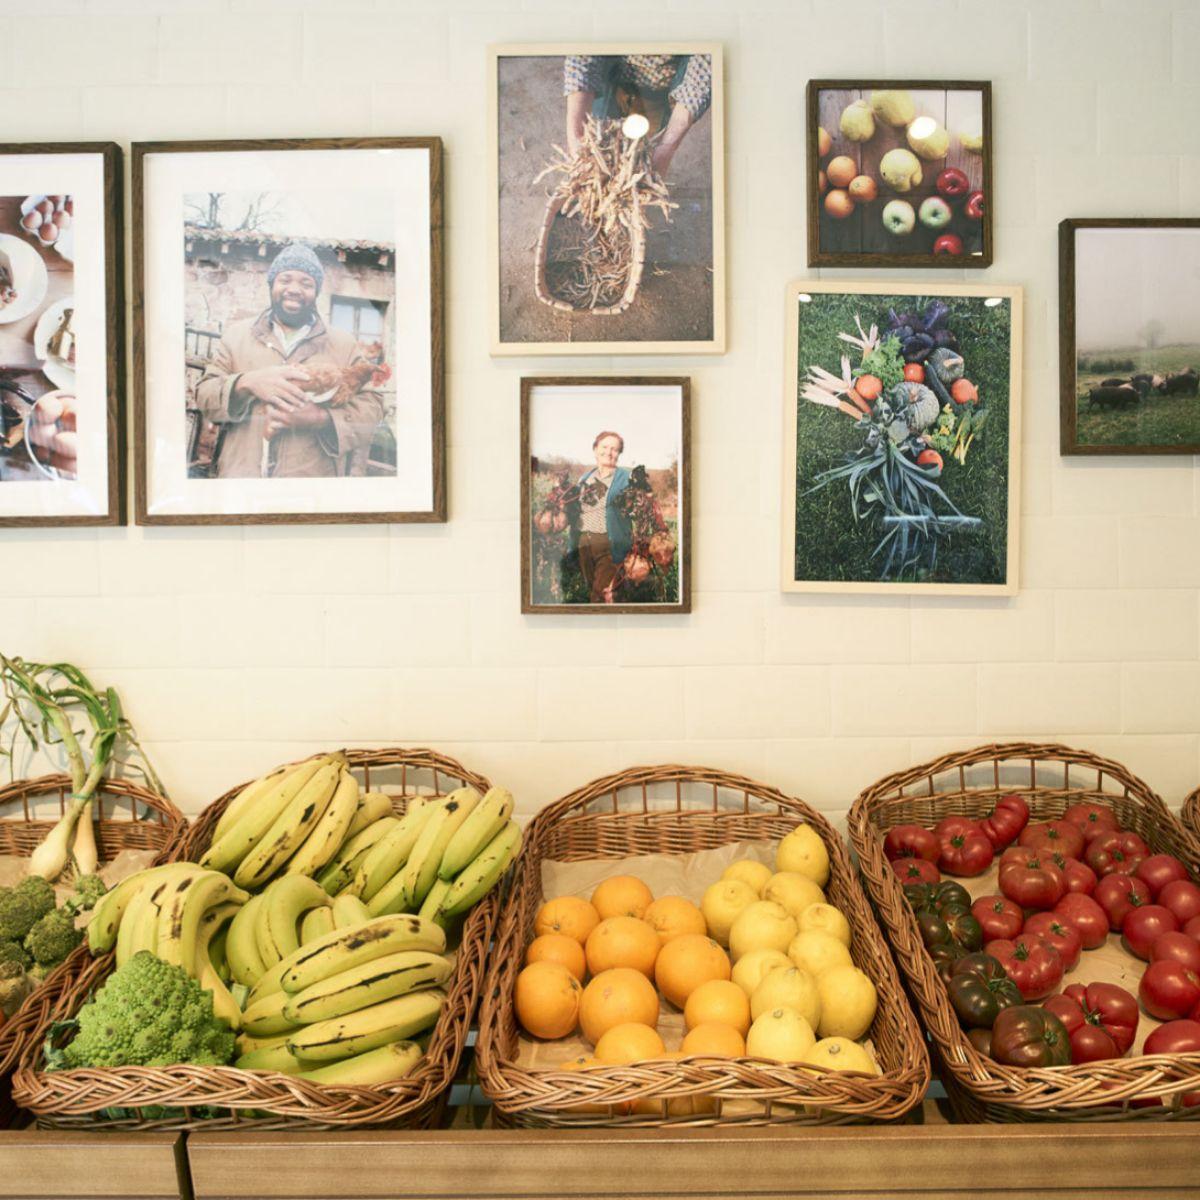 Muestra de frutas y verduras de cultivo ecológico.